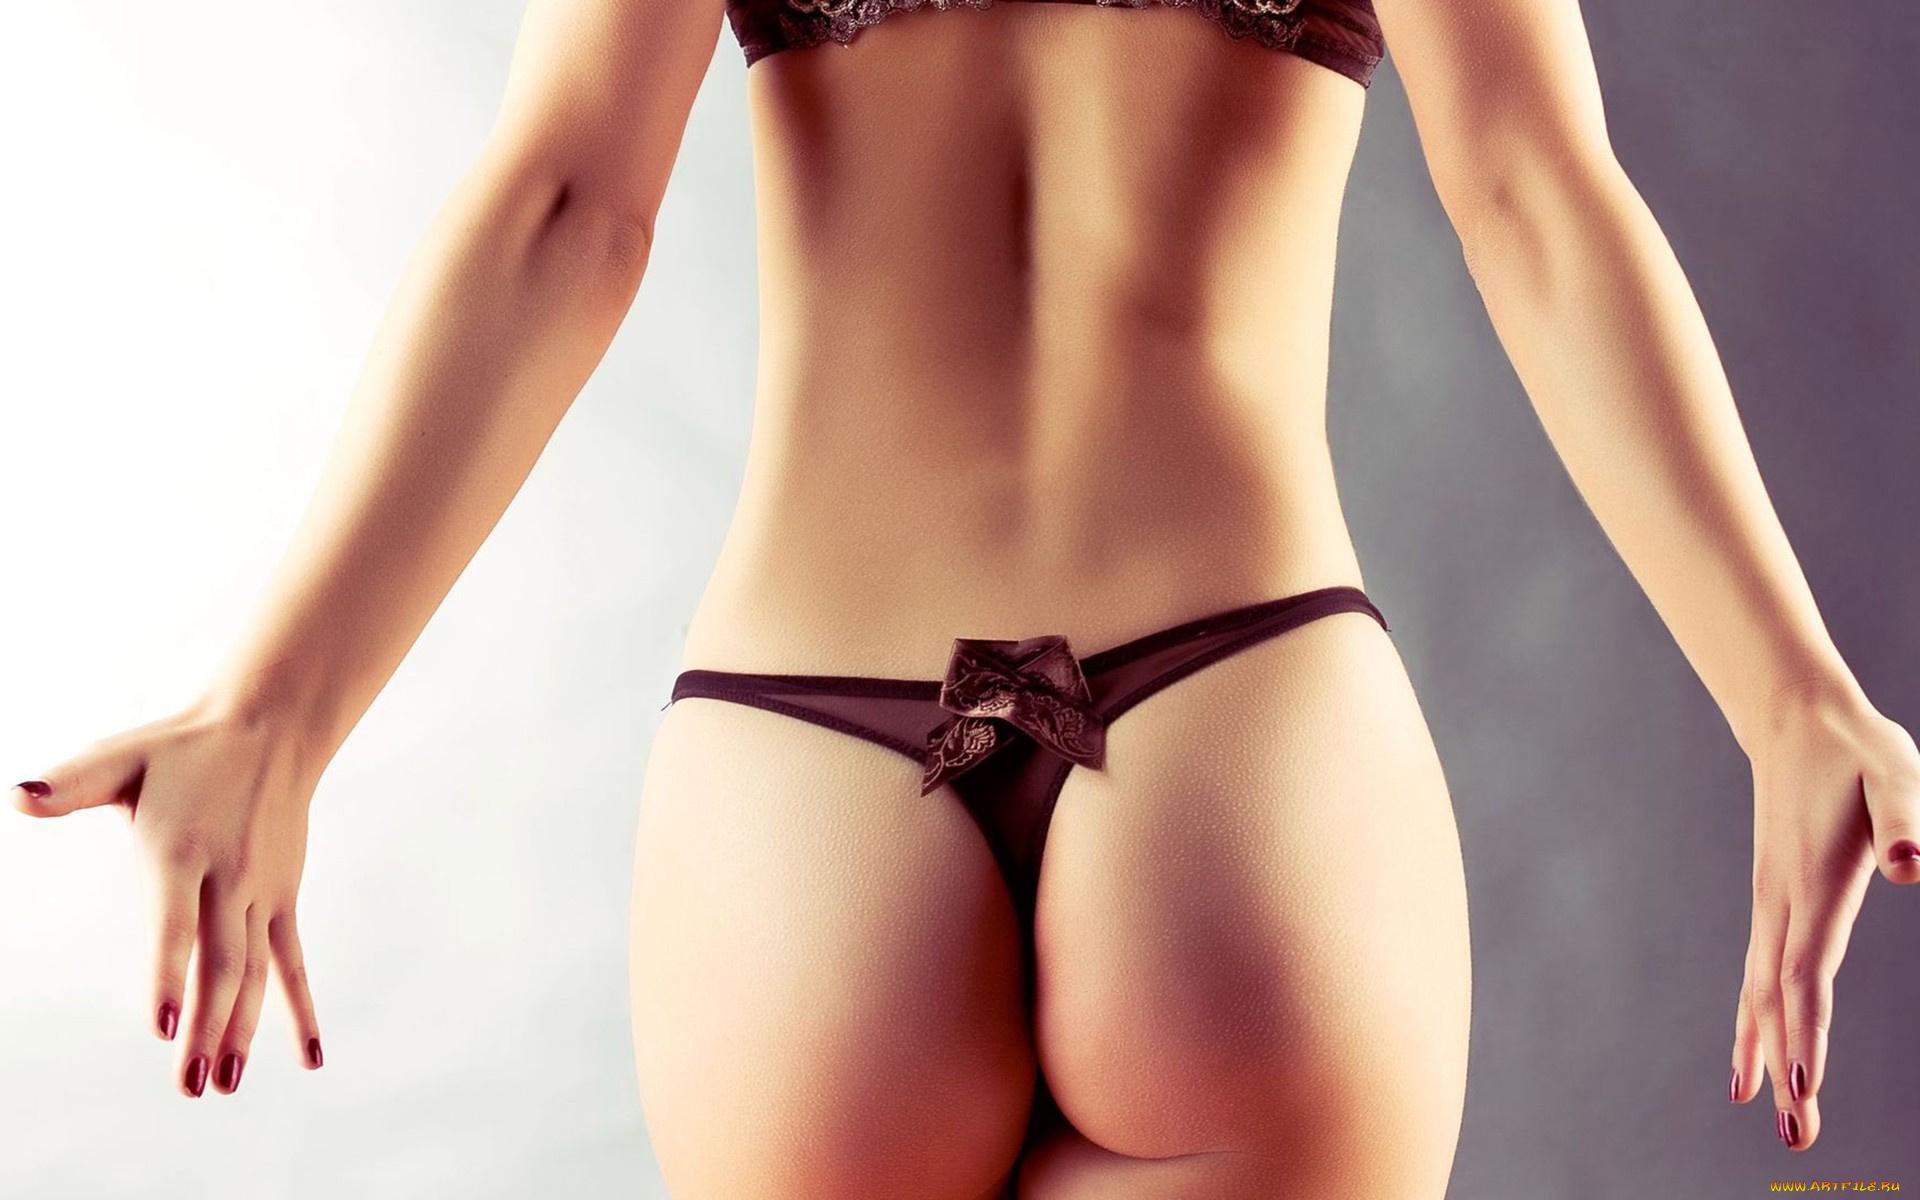 женские прелести тела девушек которых